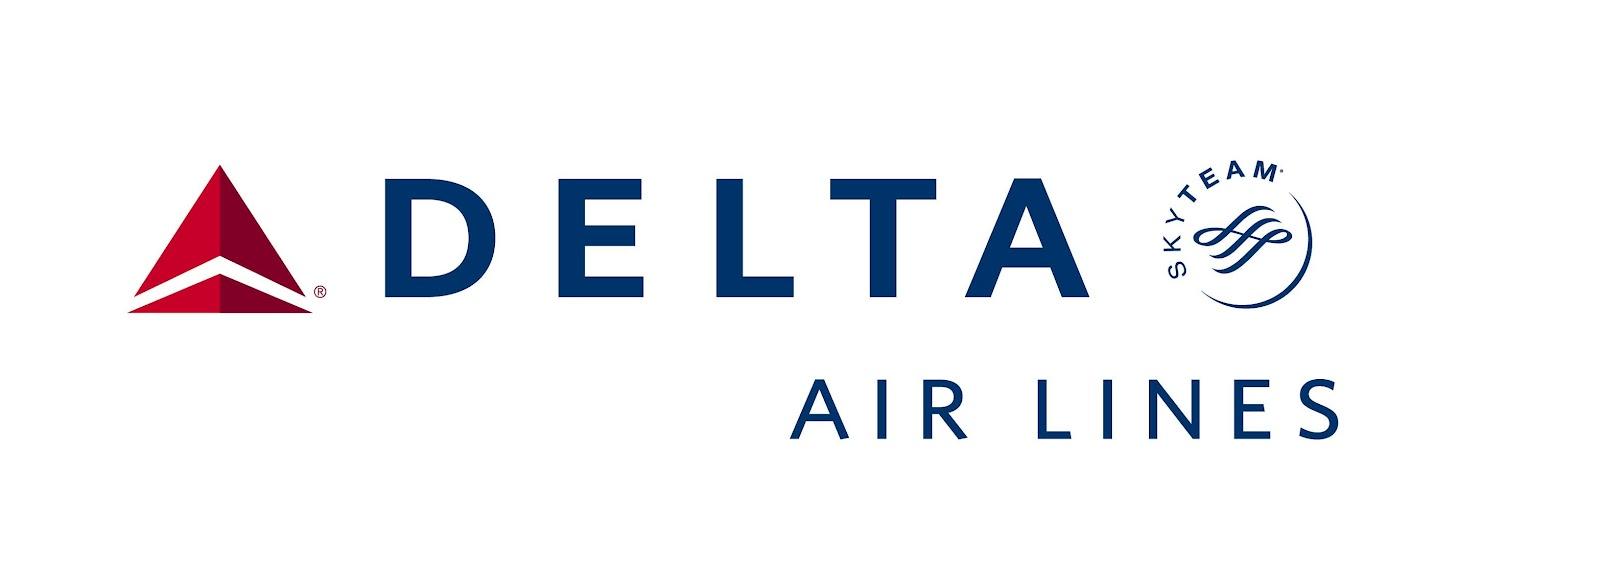 . PlusPng.com Delta-Air-Lines-logo.jpg PlusPng.com  - Delta Airlines PNG